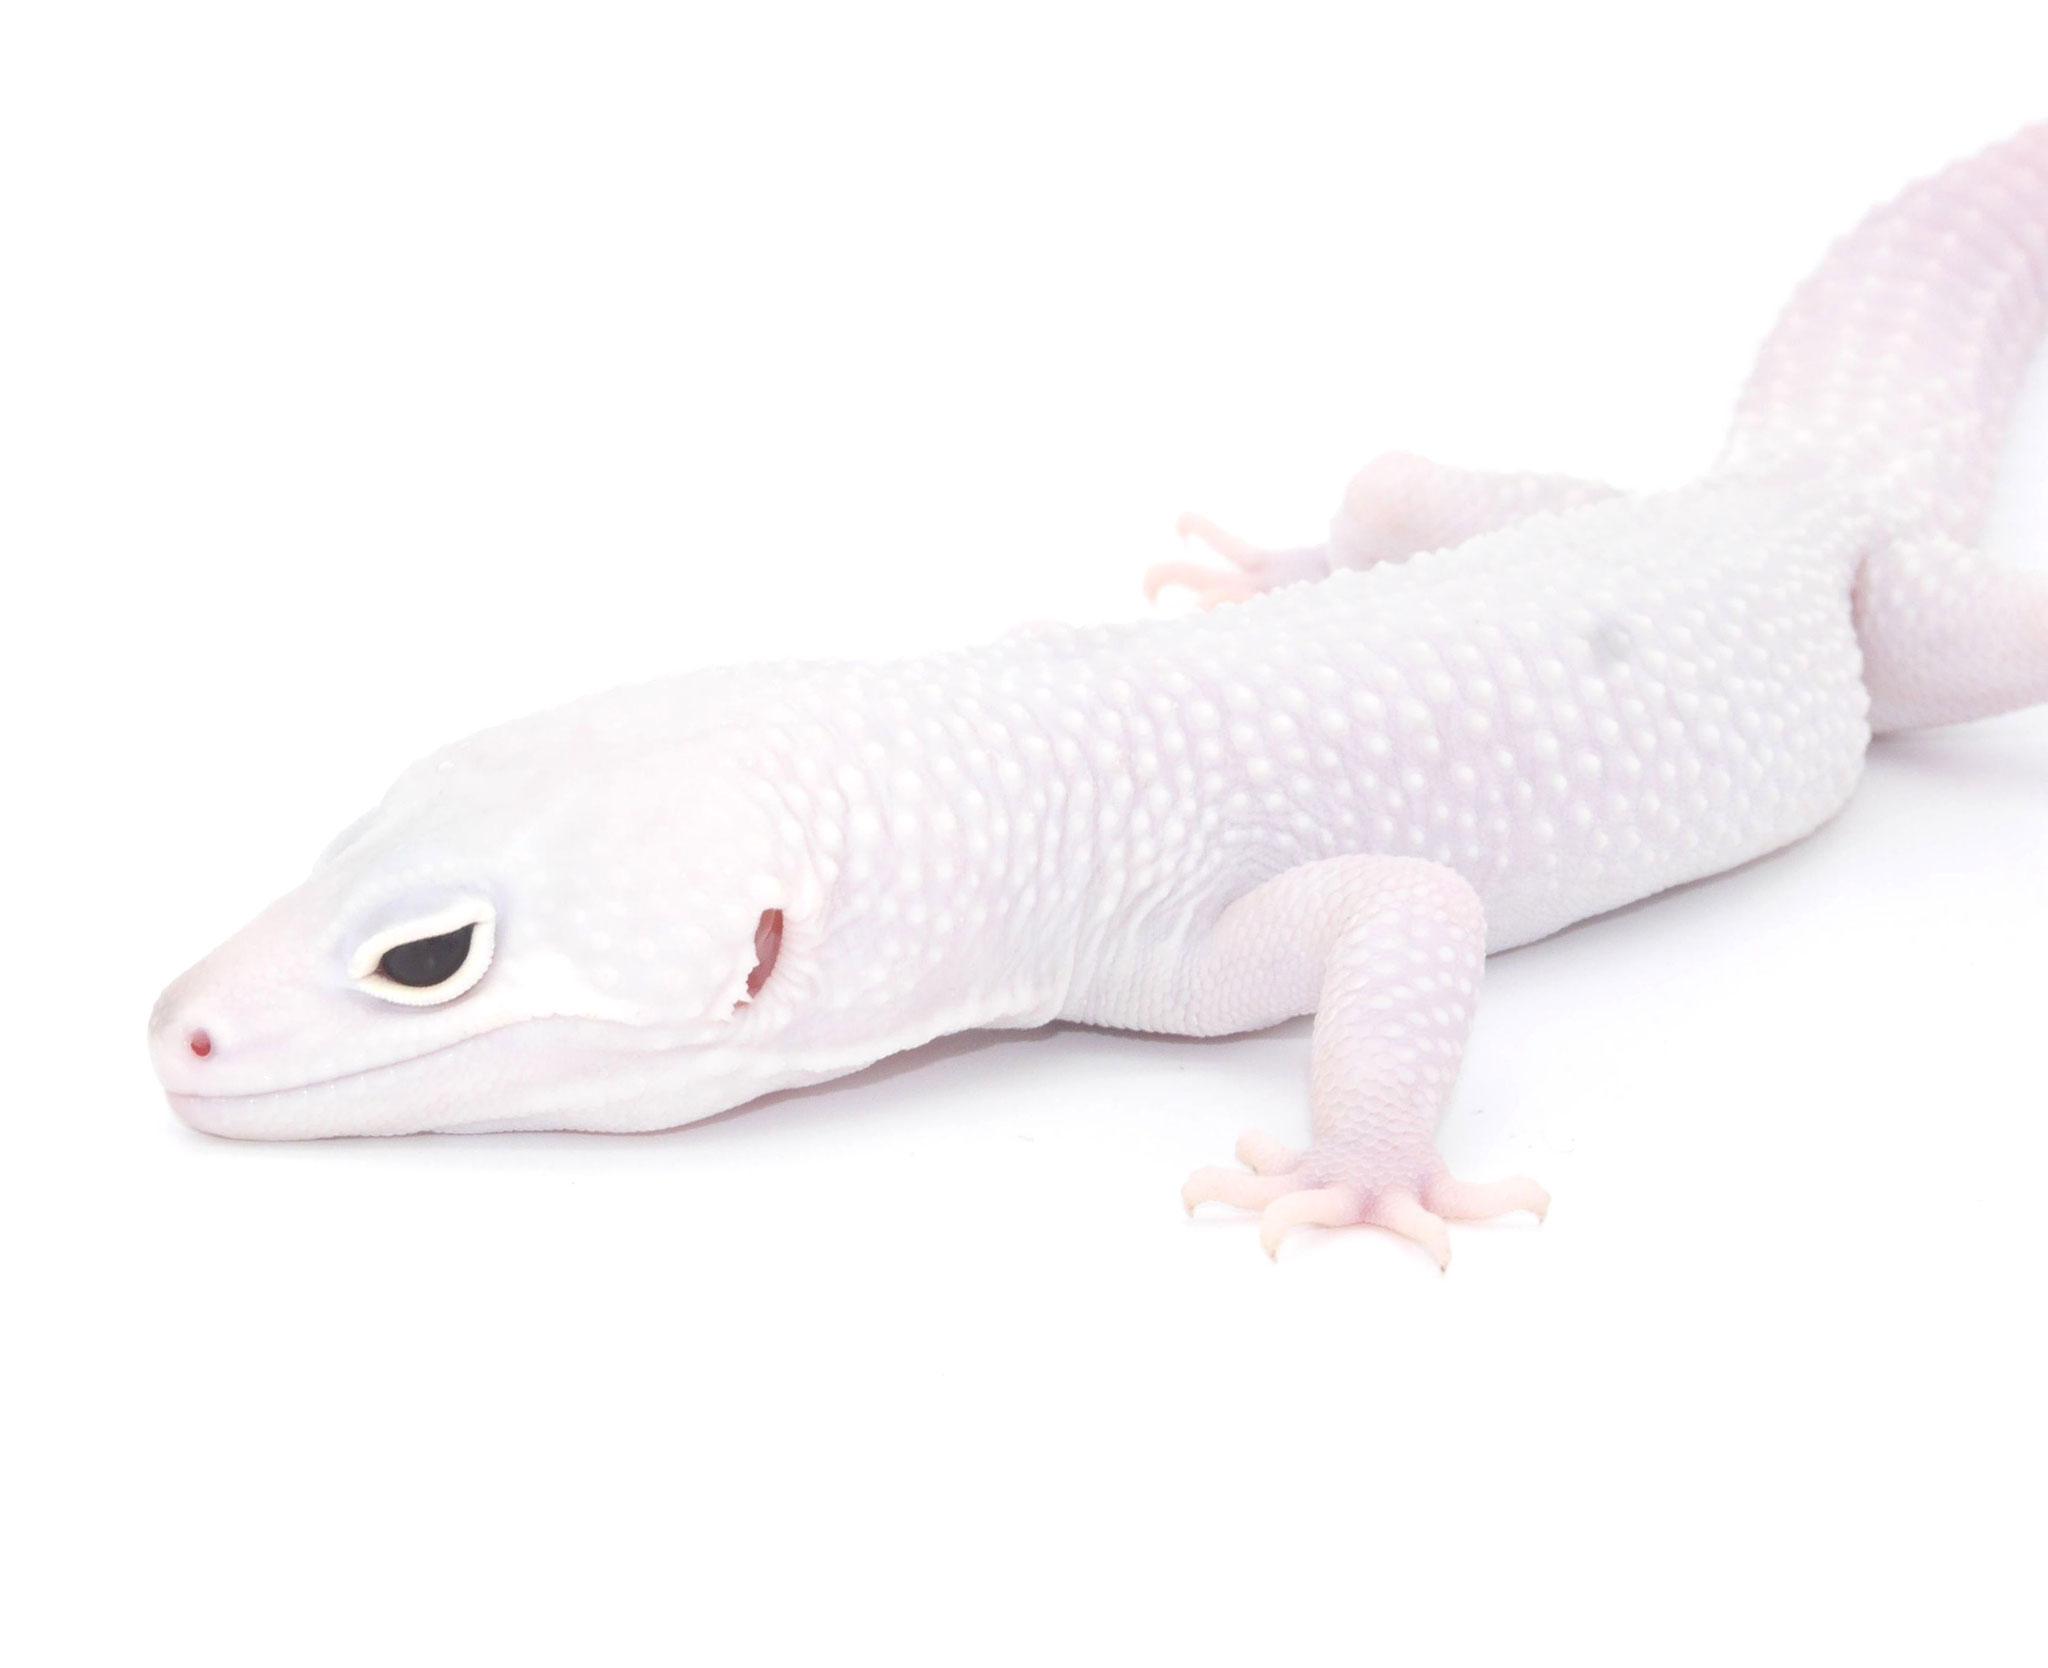 Fallstudie 3/3: Diablo Blancos sind weiße geckos mit roten Augen. Eine Kombinationsmorphe aus Blizzard, Eclipse und Tremper Albino.